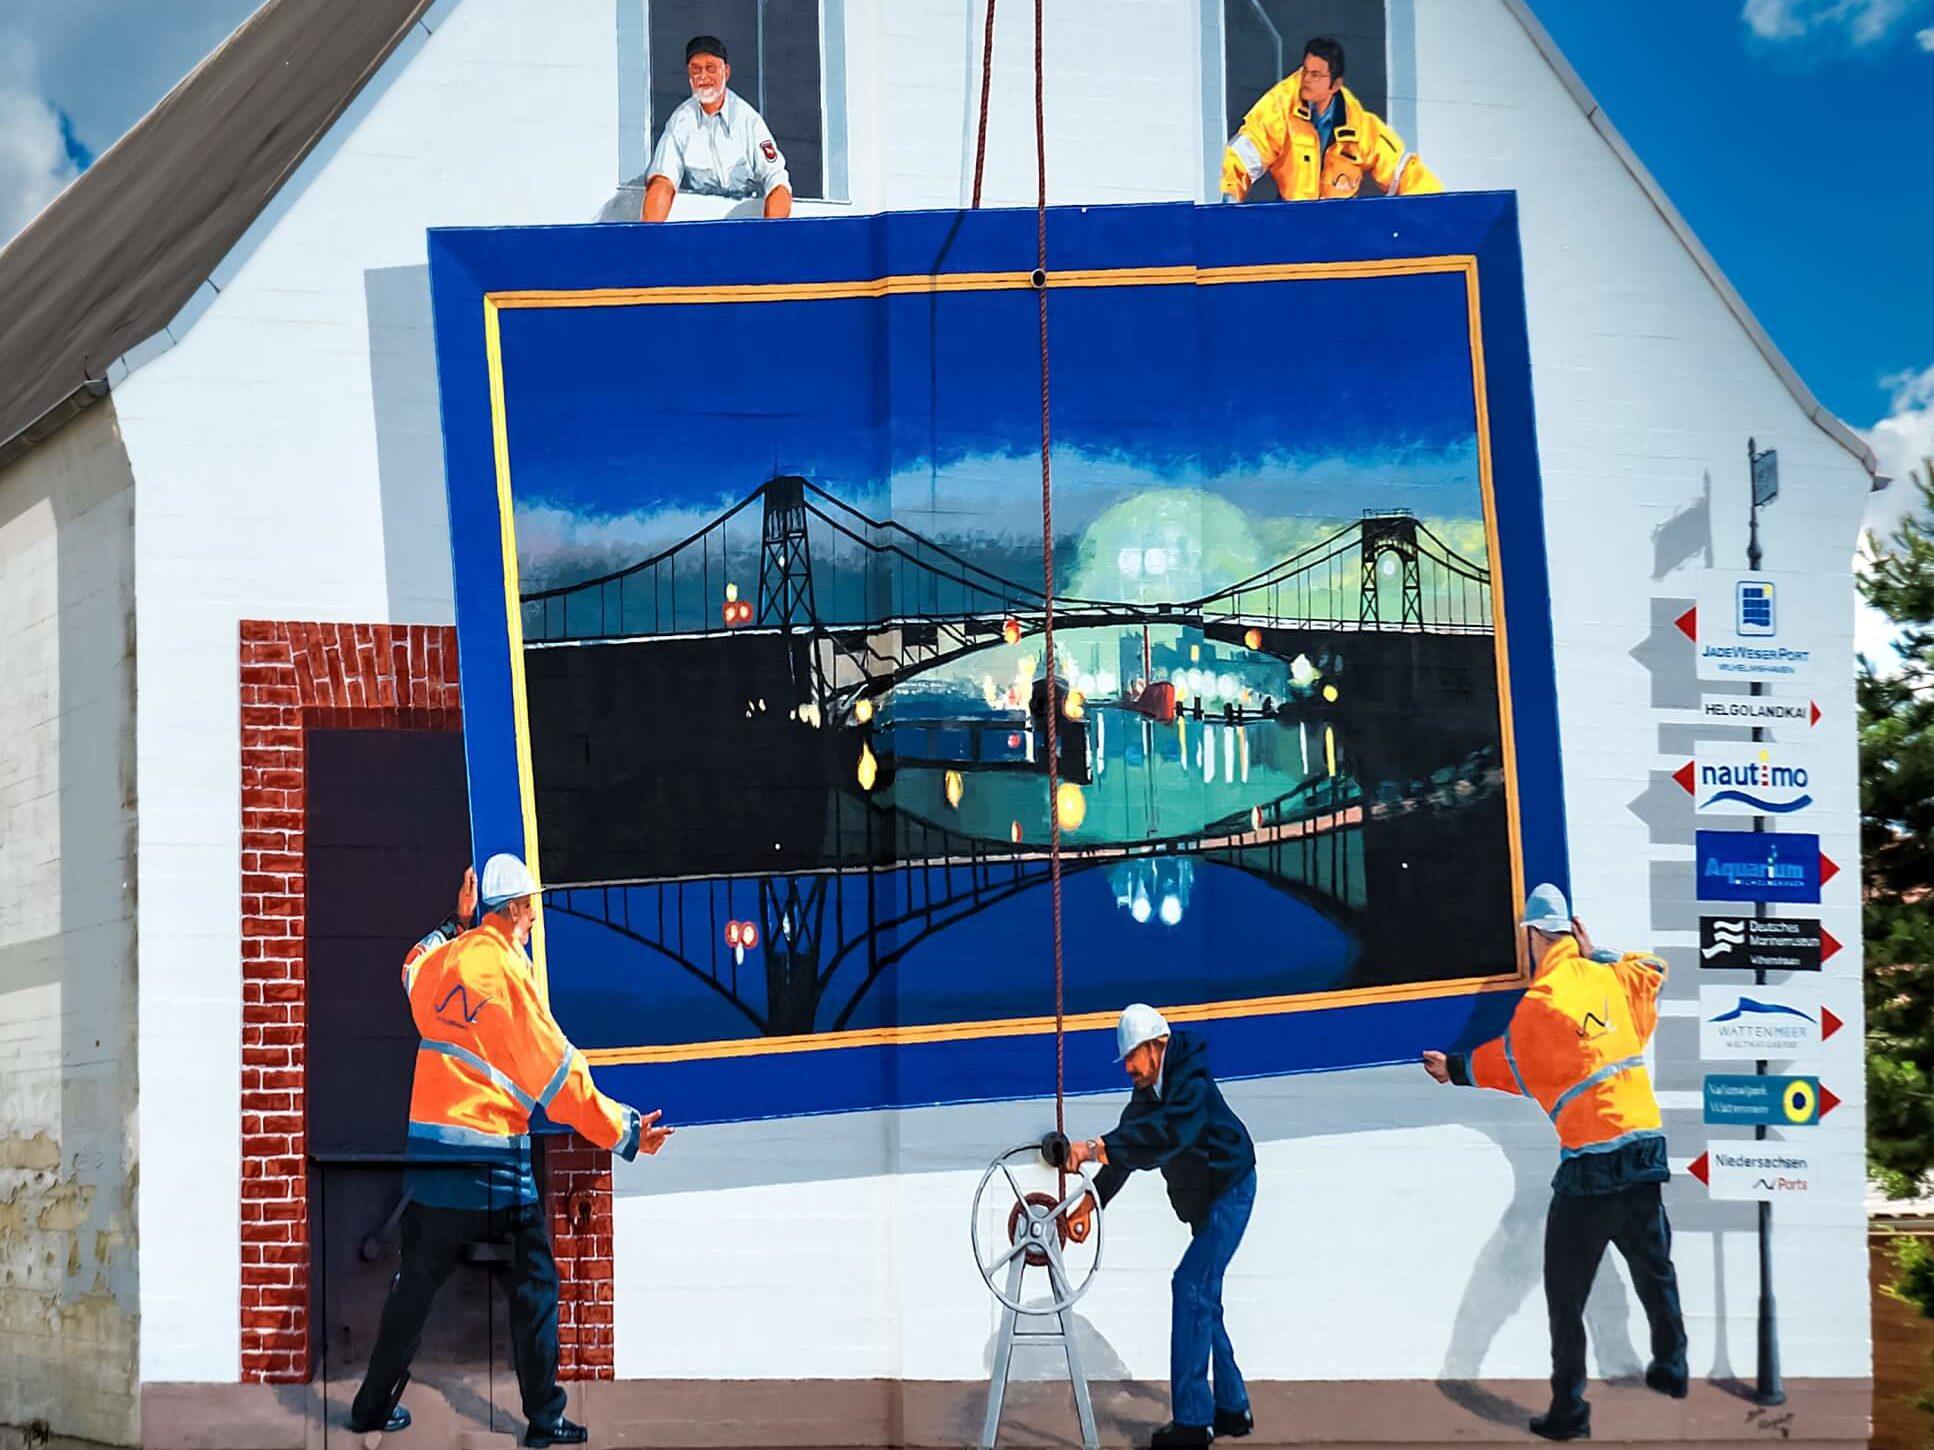 Fassadengemälde von Buko Königshoff. Zu sehen ist ein Bild im Bild, die Kaiser-Wilhelm-Brücke als Bild wird von Arbeitern aufgehängt.